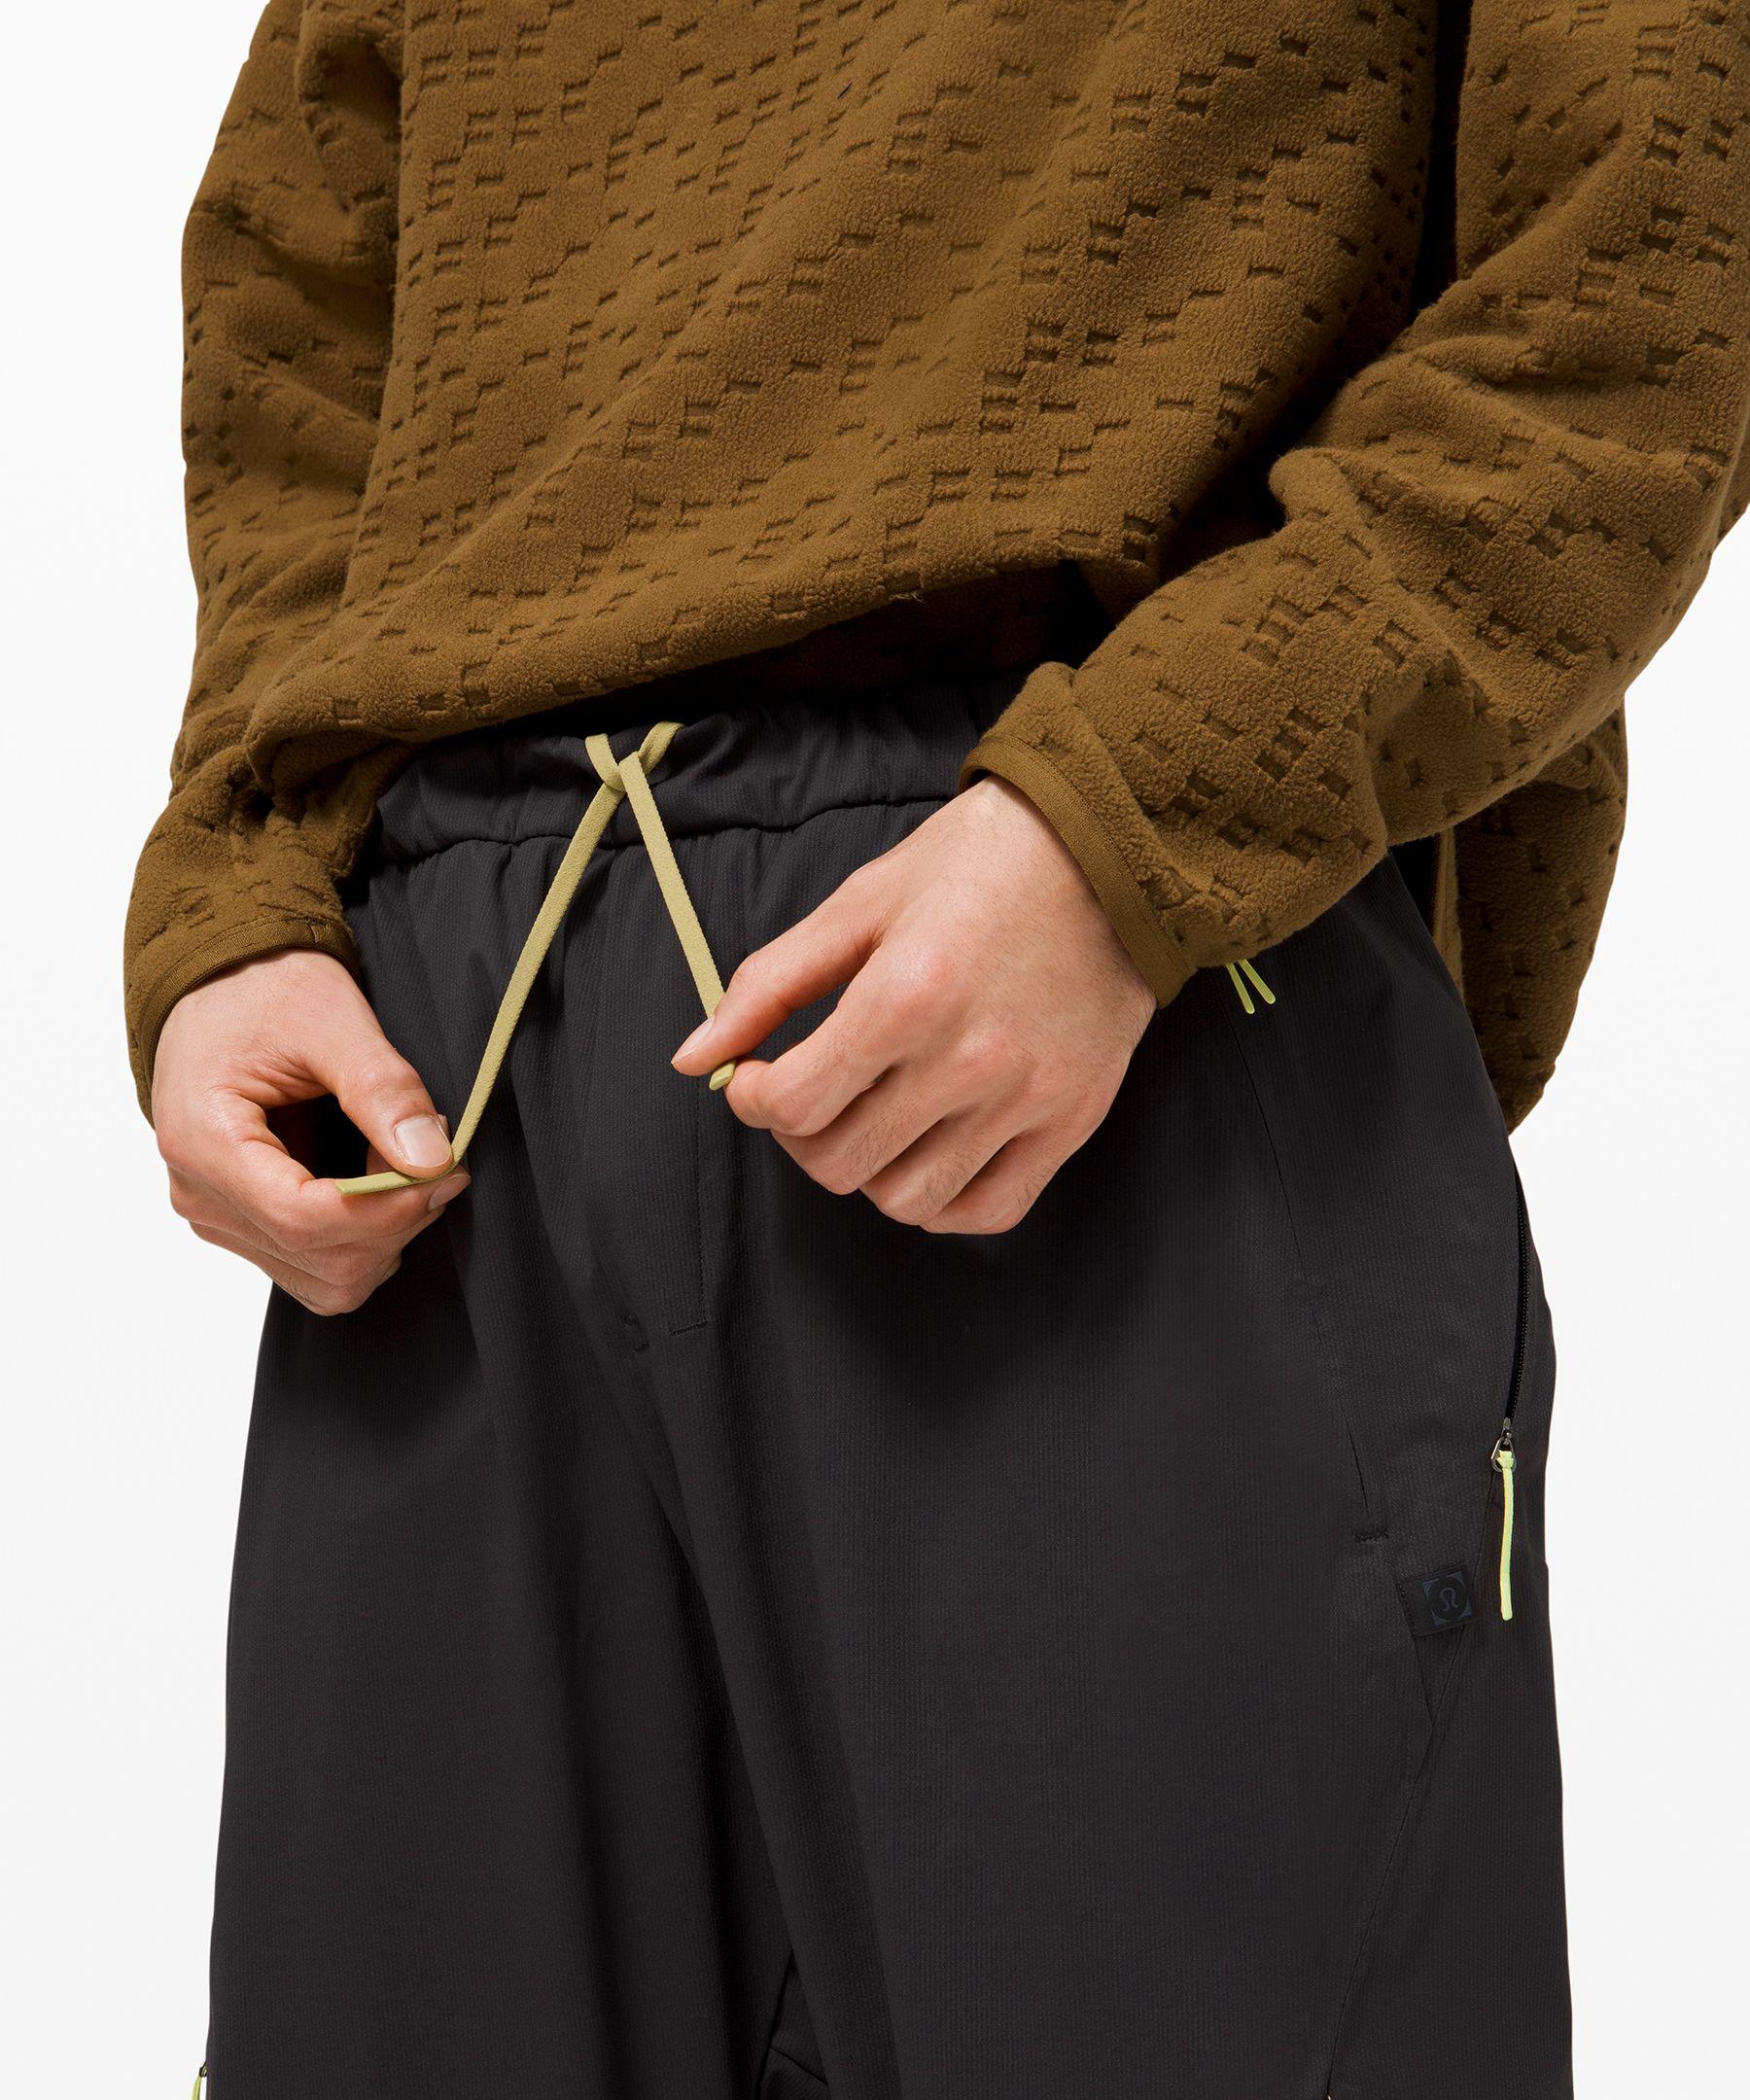 Sudus Pant *lululemon lab